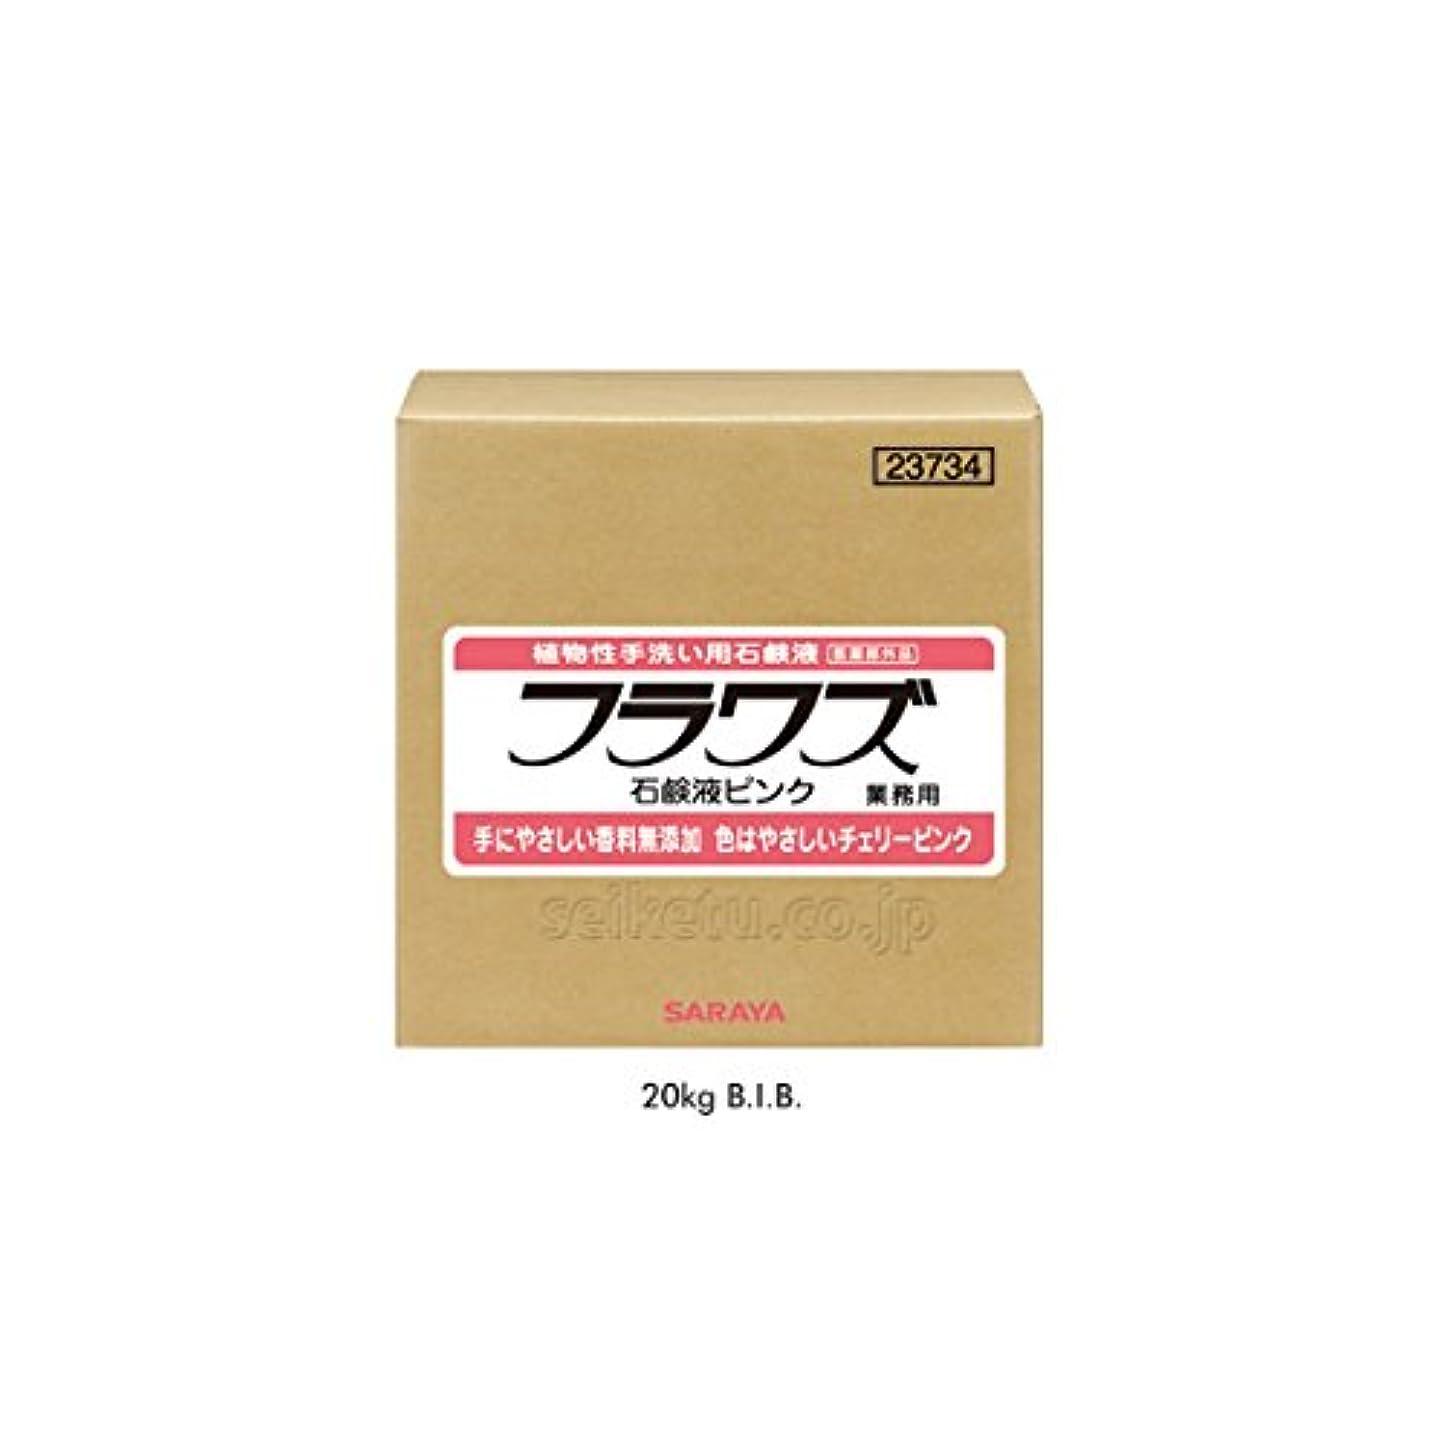 プロフェッショナルジョージハンブリー集まる【清潔キレイ館】サラヤ フラワズ石鹸液ピンク(20kg)